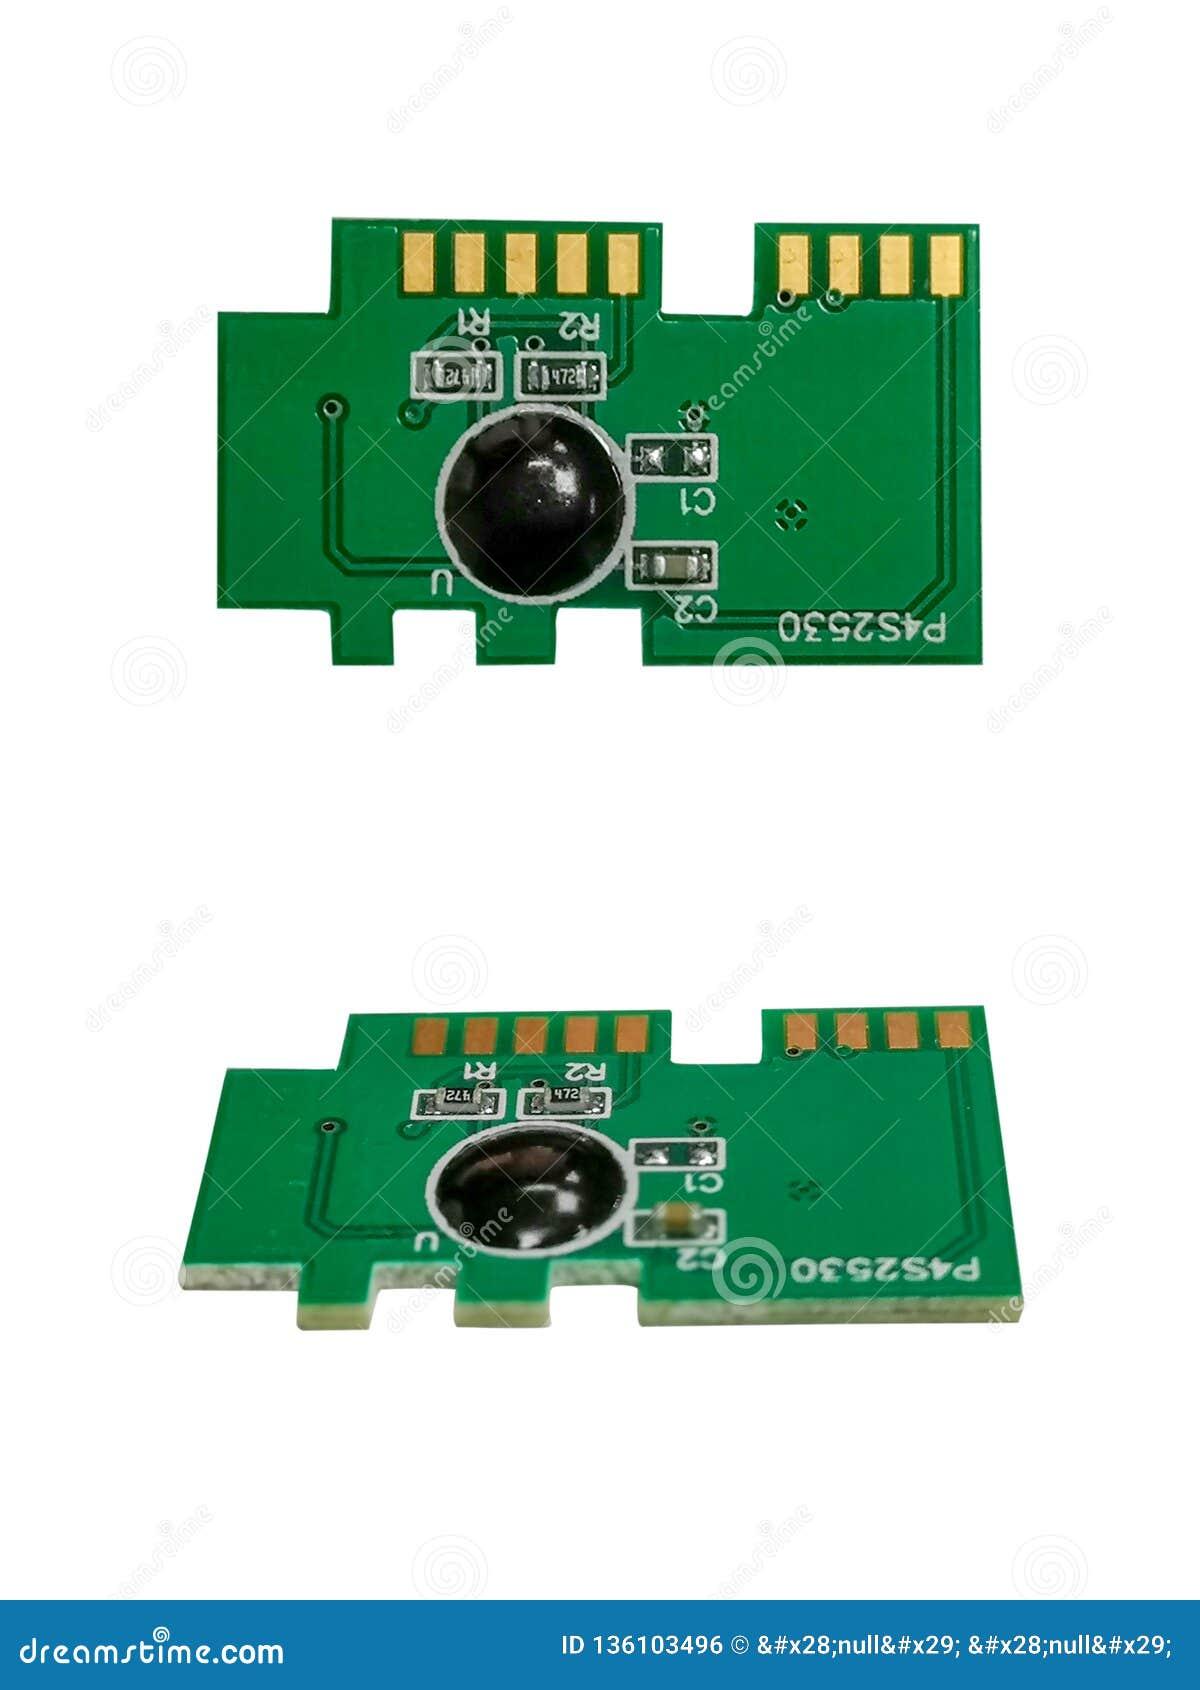 讲宏观计算机芯片宏观计算机芯片 颜色计算机概念不同的膝上型计算机监控程序开张技术